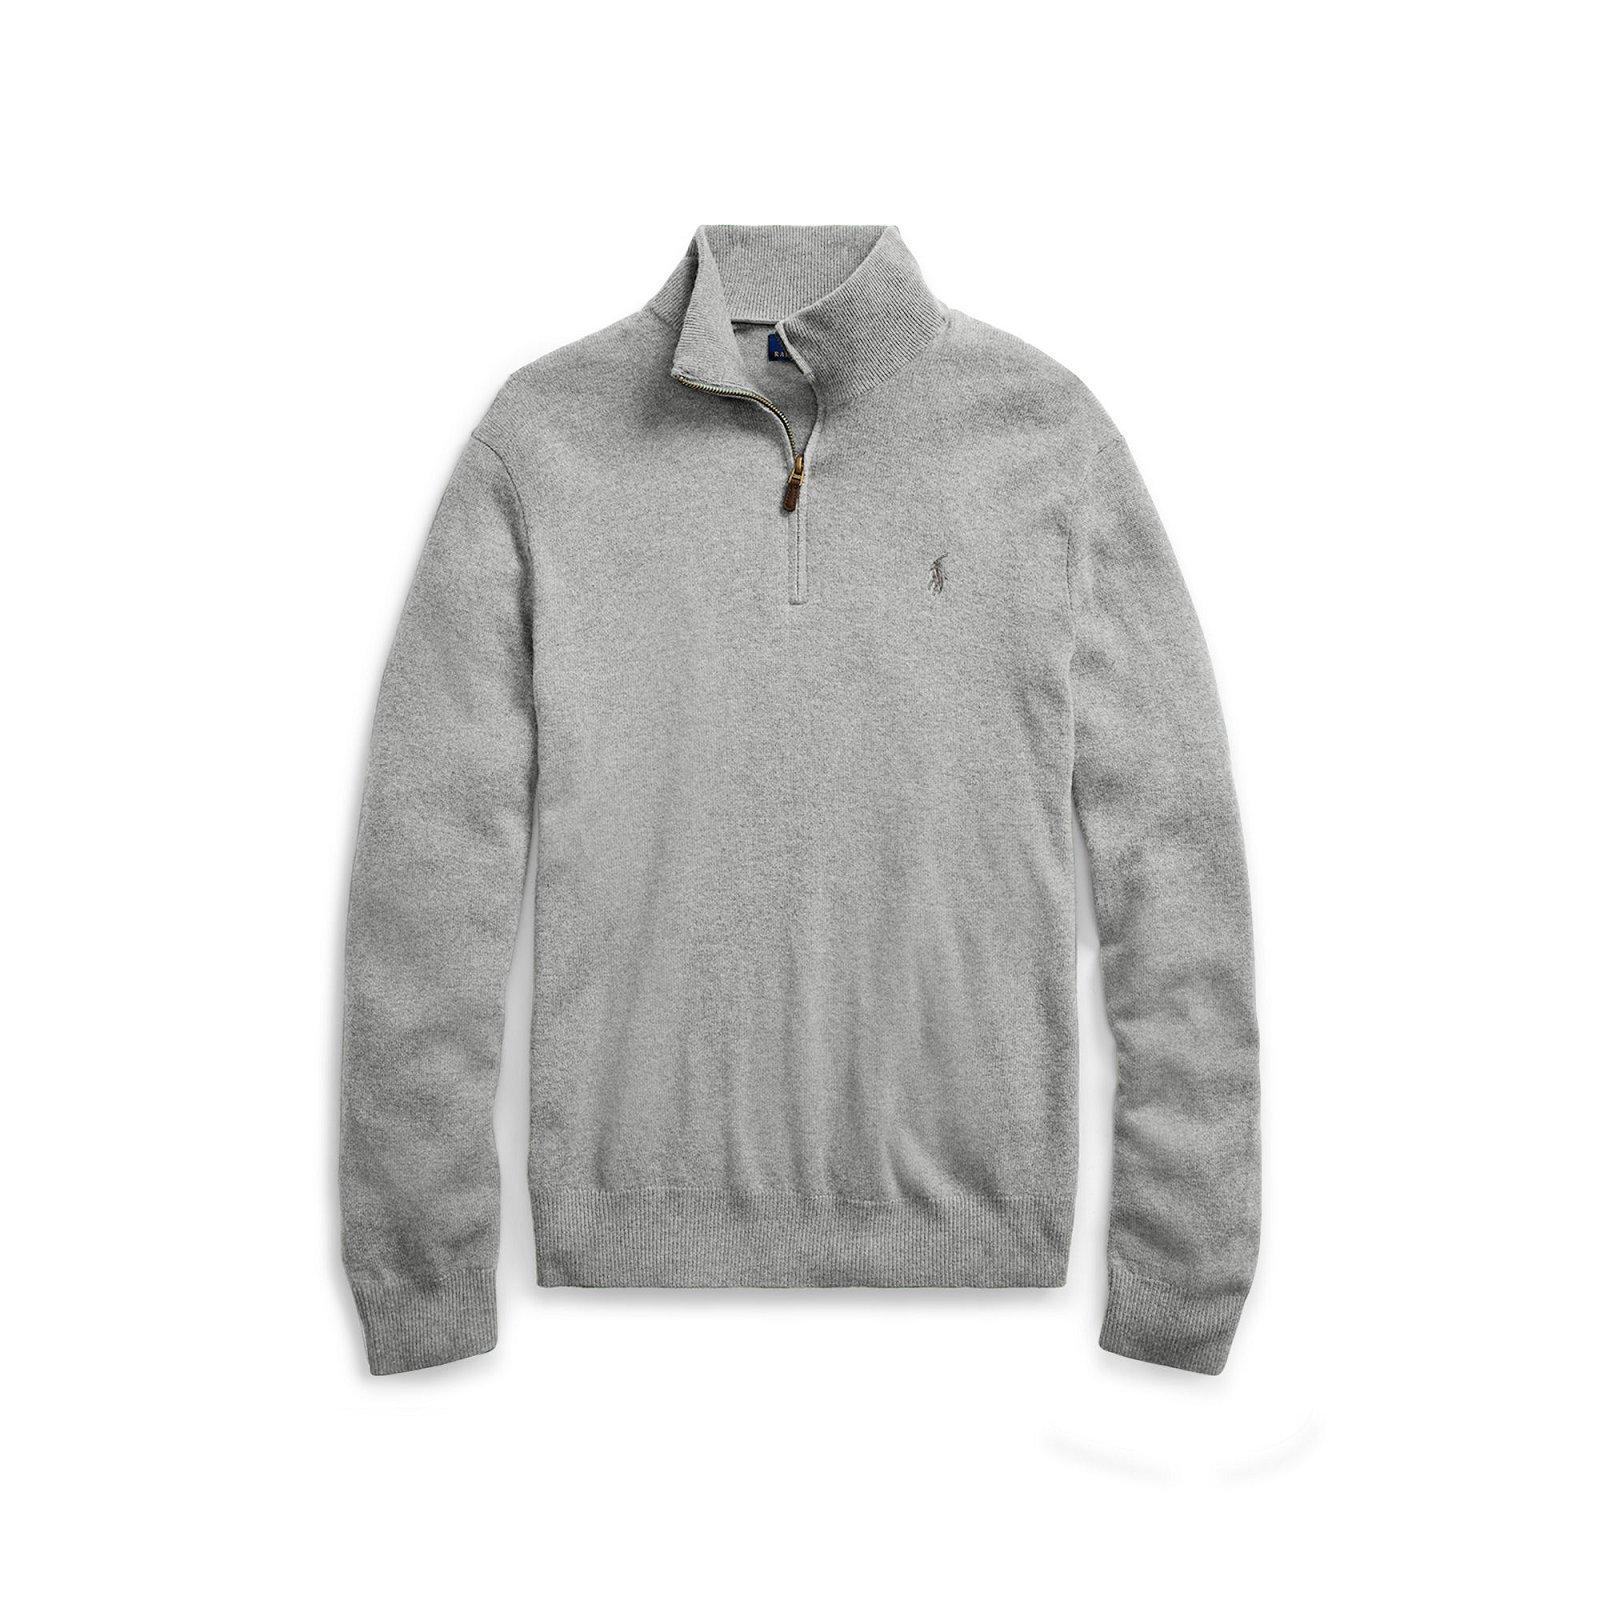 6a651c4d48c0c9 Pull demi-zippé en laine de mérinos. Pull pour homme ...